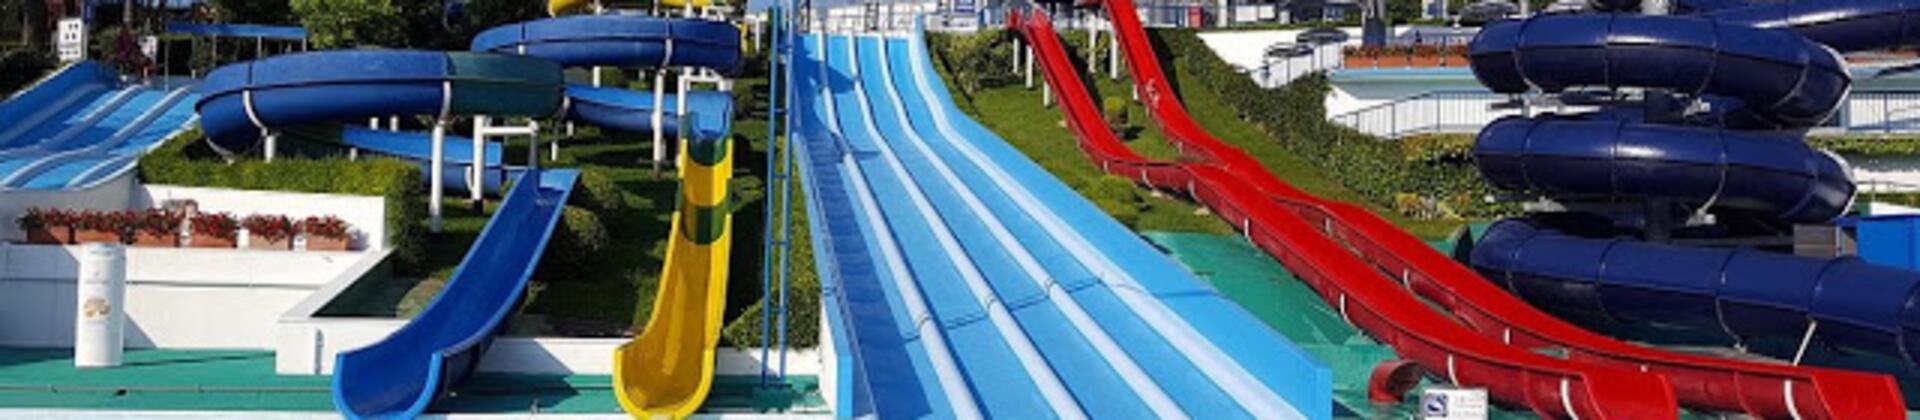 Parchi acquatici e parchi giochi